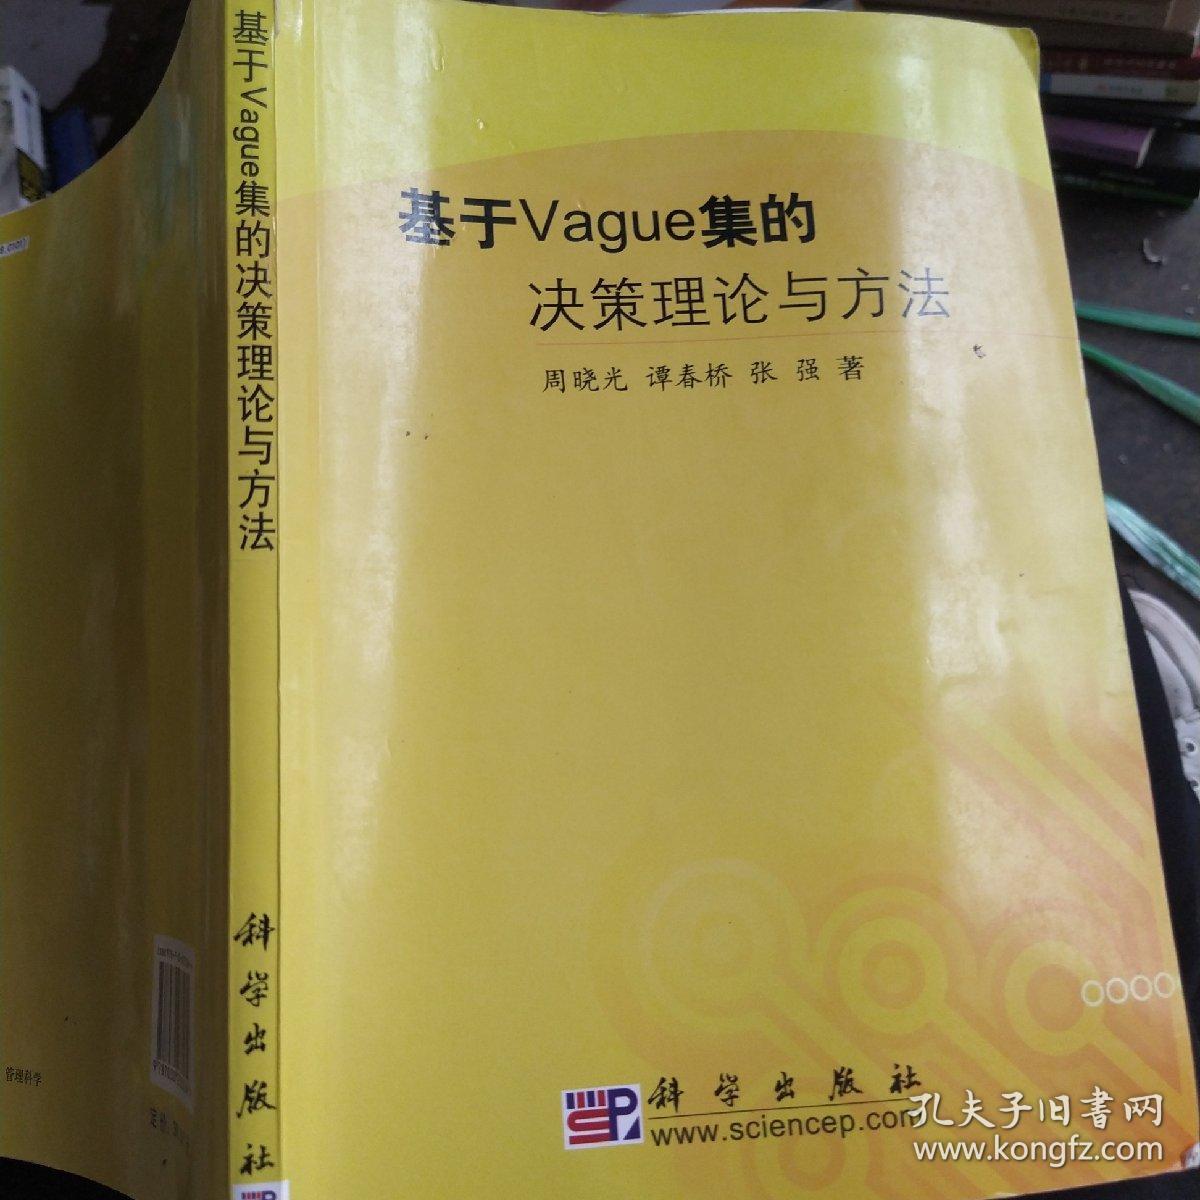 基于Vague集的决策理论与方法